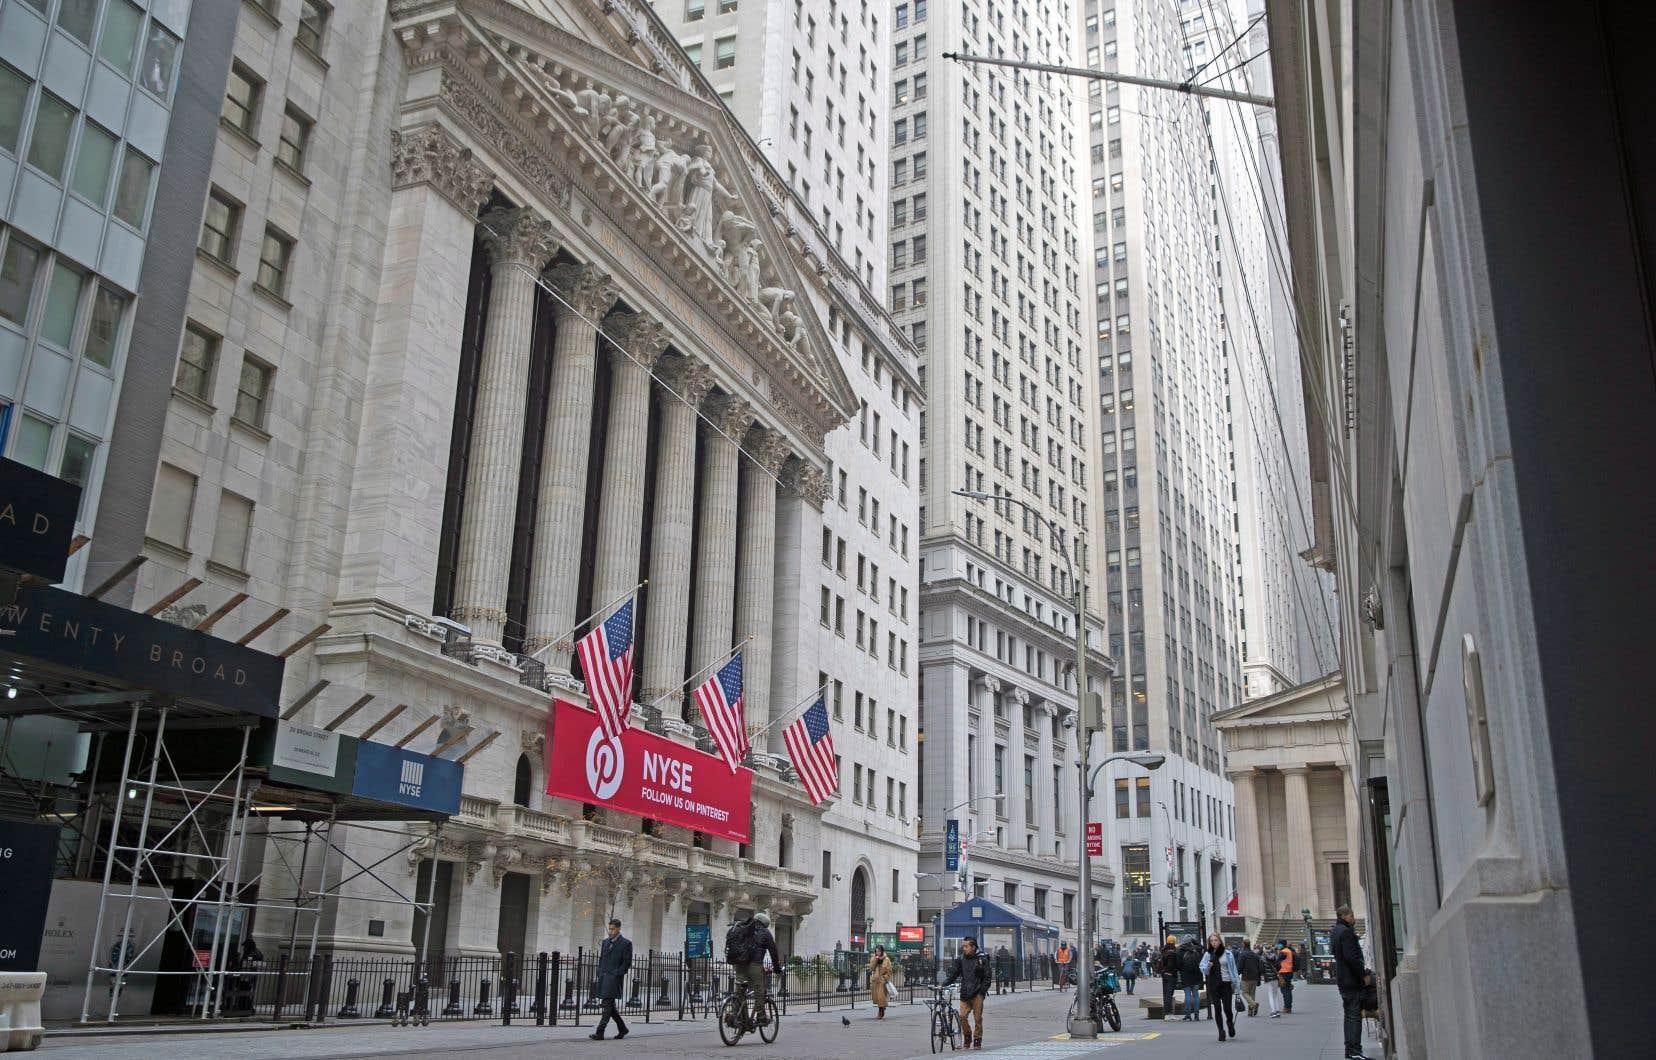 Mardi, le taux d'intérêt sur les bons du Trésor américains à dix ans a terminé à 2,91% contre 2,79% pour les bons à deux ans.